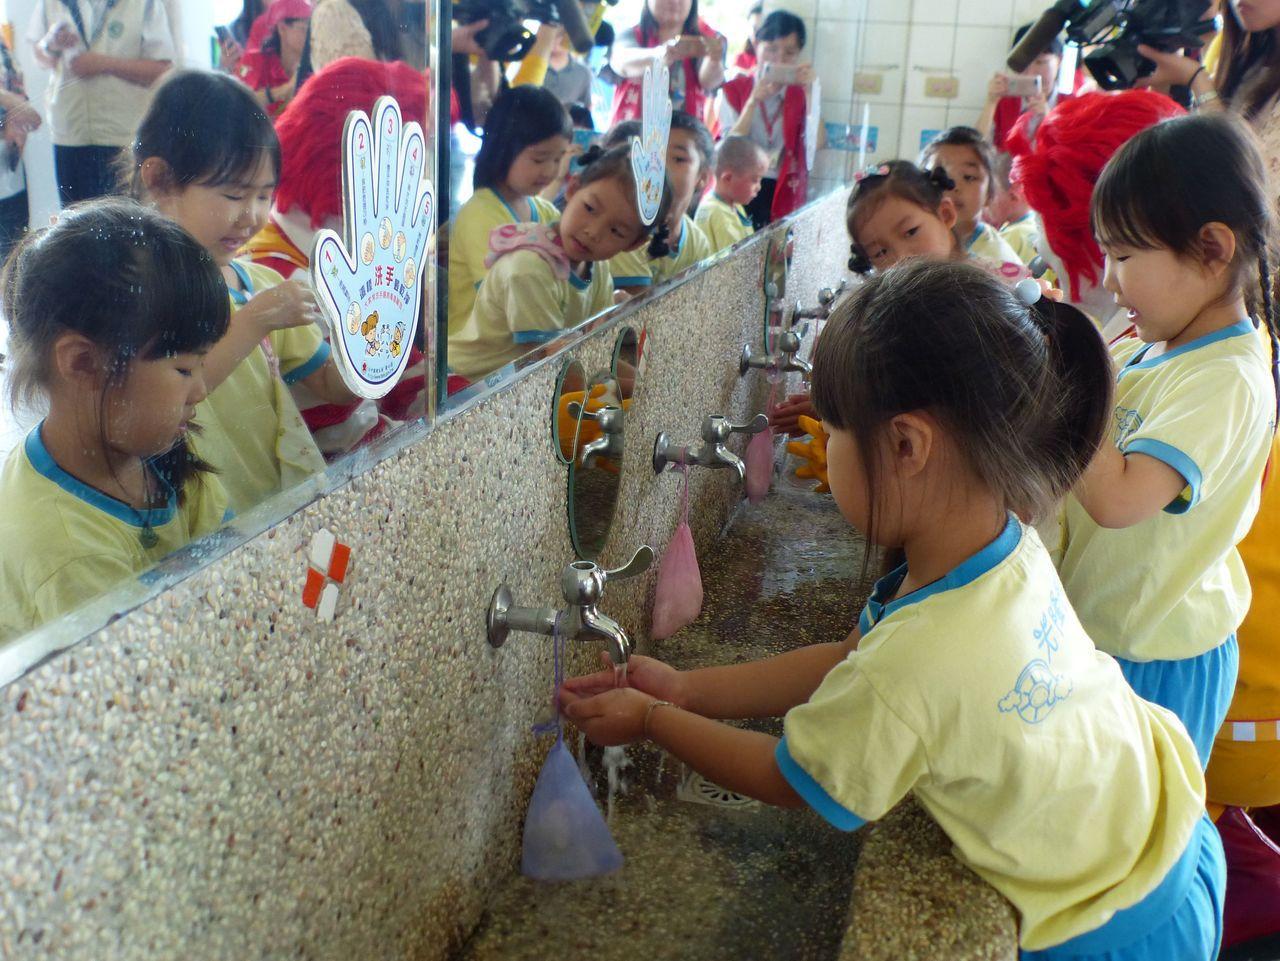 台中市衛生局日前與麥當勞叔叔之家慈善基金會合作在太平舉辦「遠離腸病毒,一起來洗手...